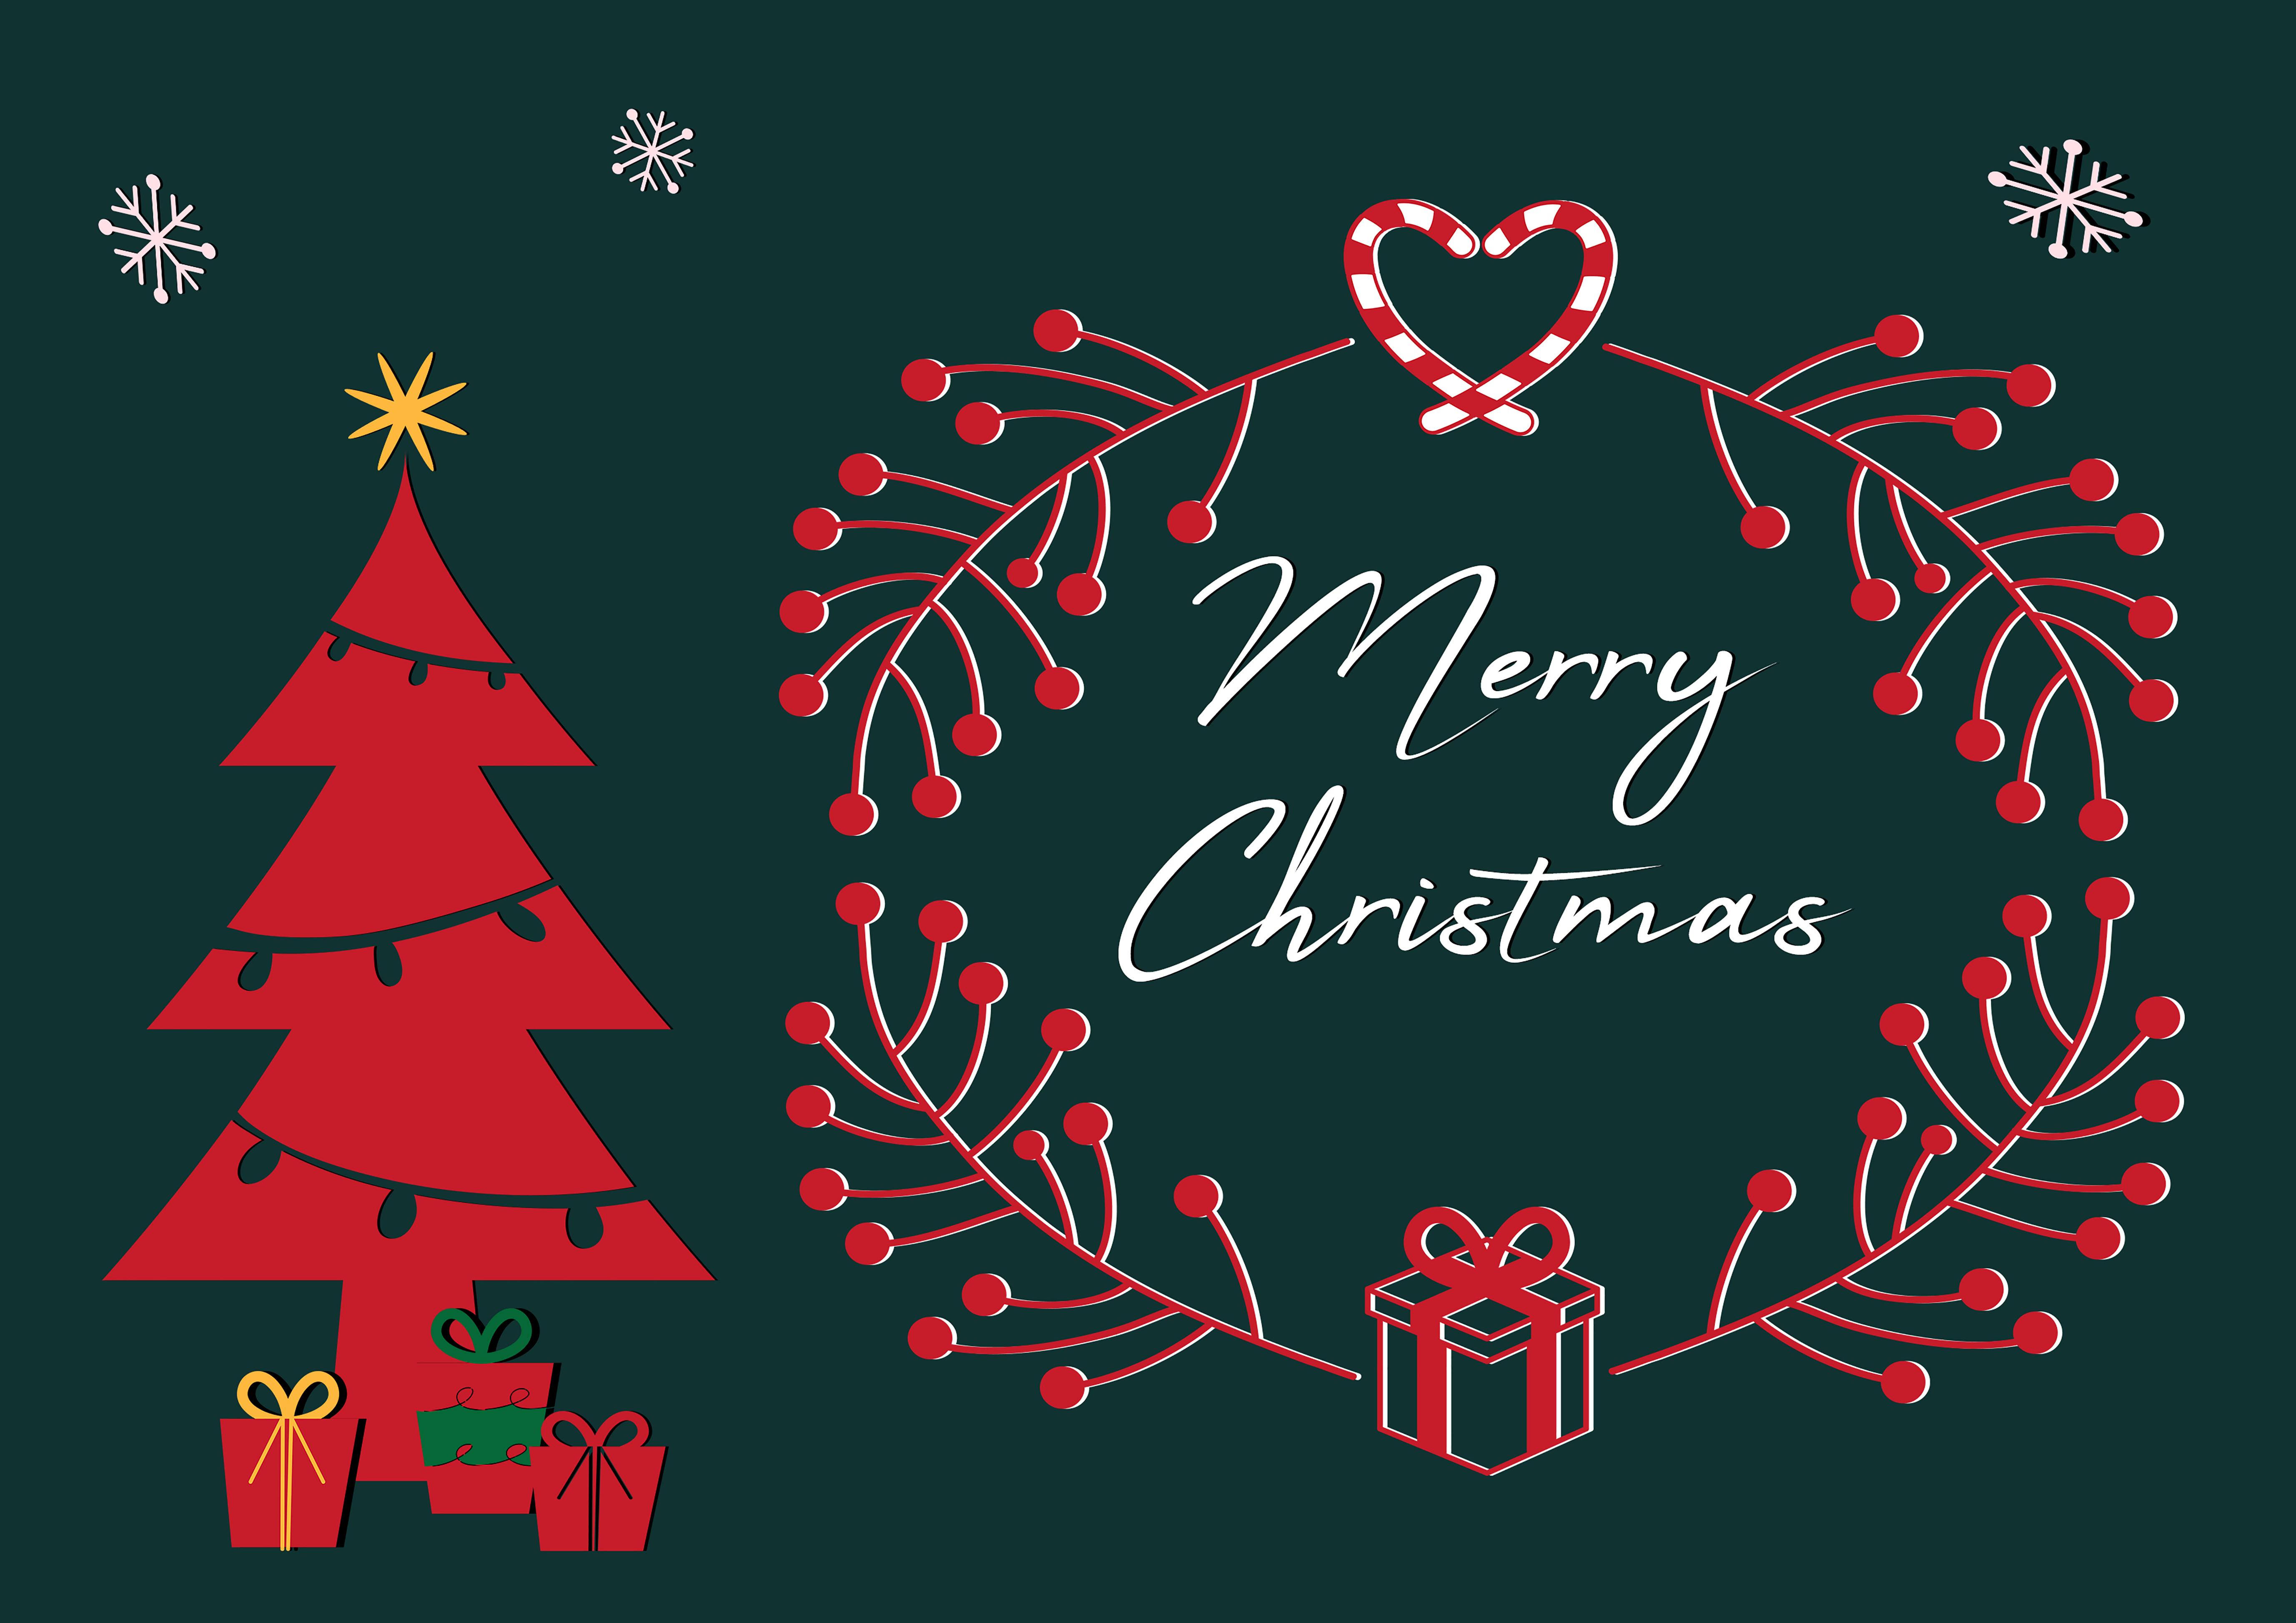 Joyeux Noel Images Gratuites.Images Gratuites Motif De Noel Carte De Noel Cadre